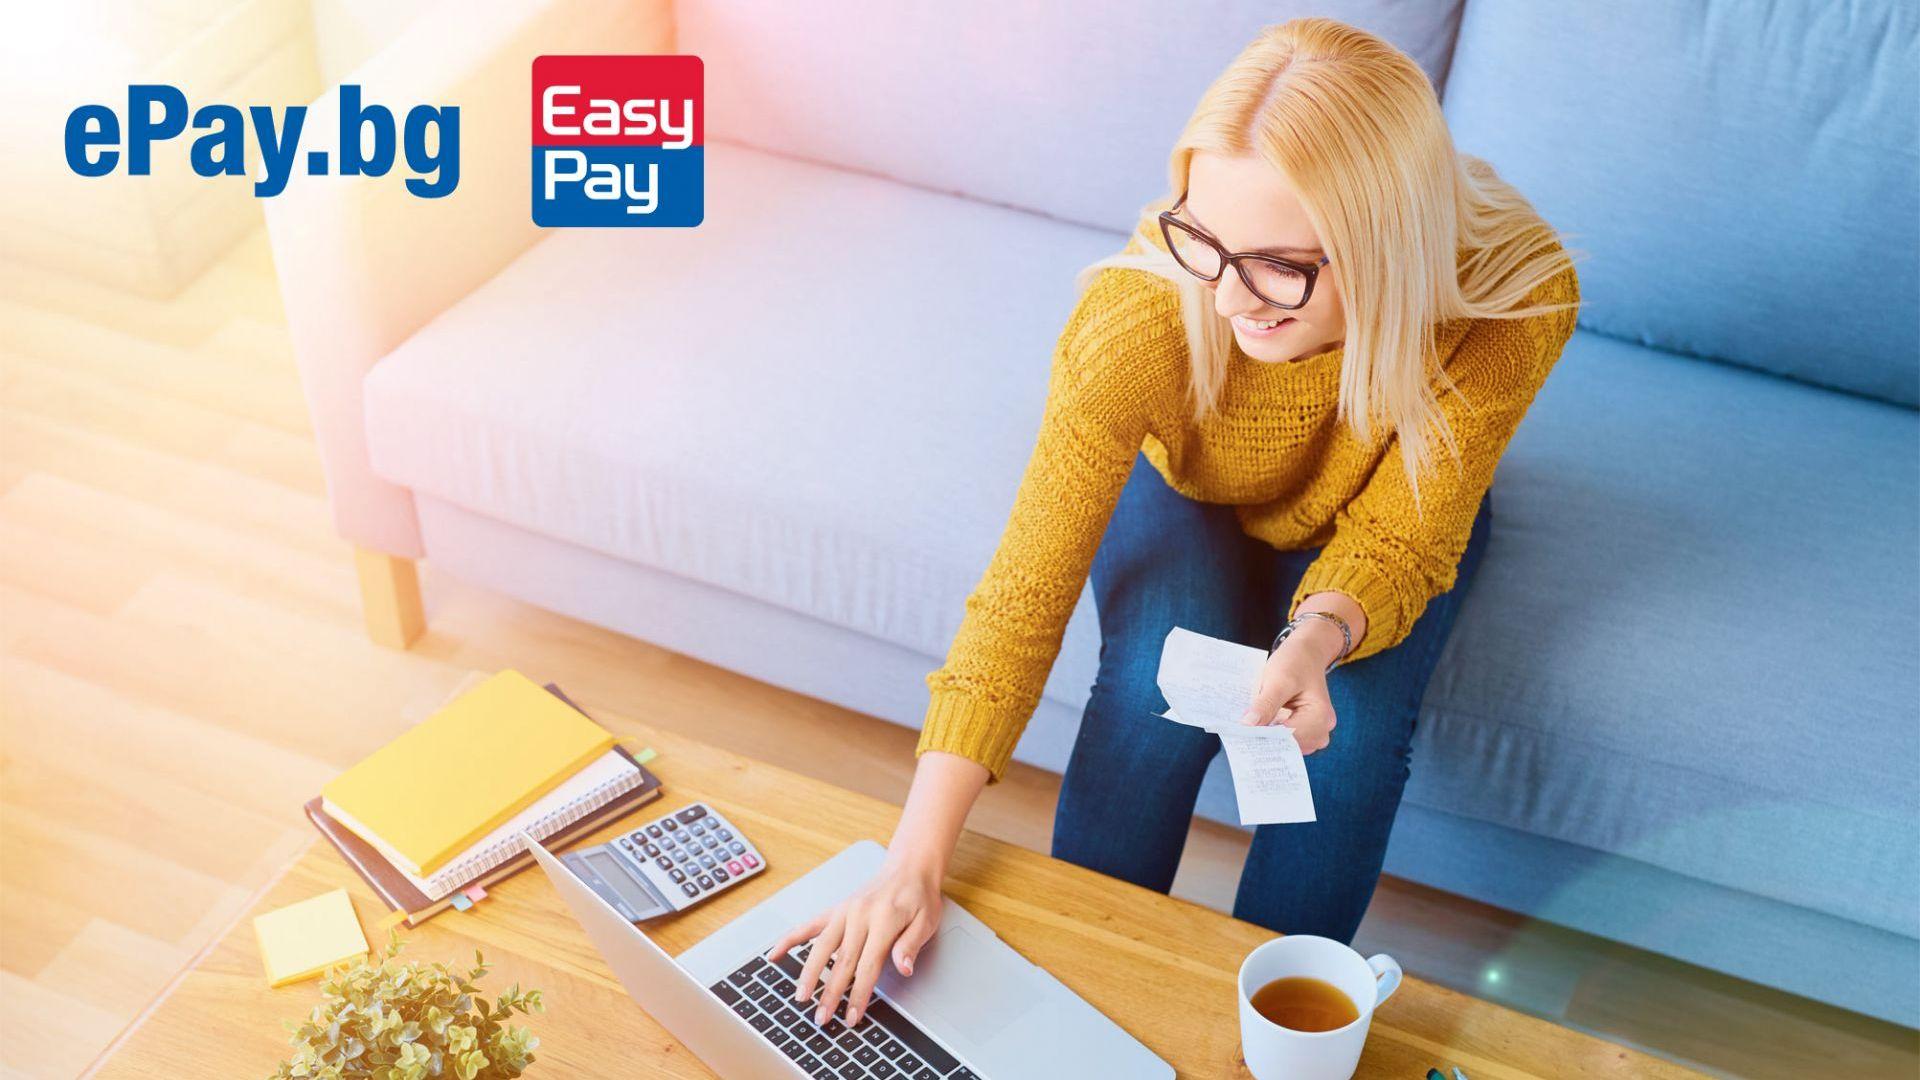 5 неща, за които да използвате ePay.bg